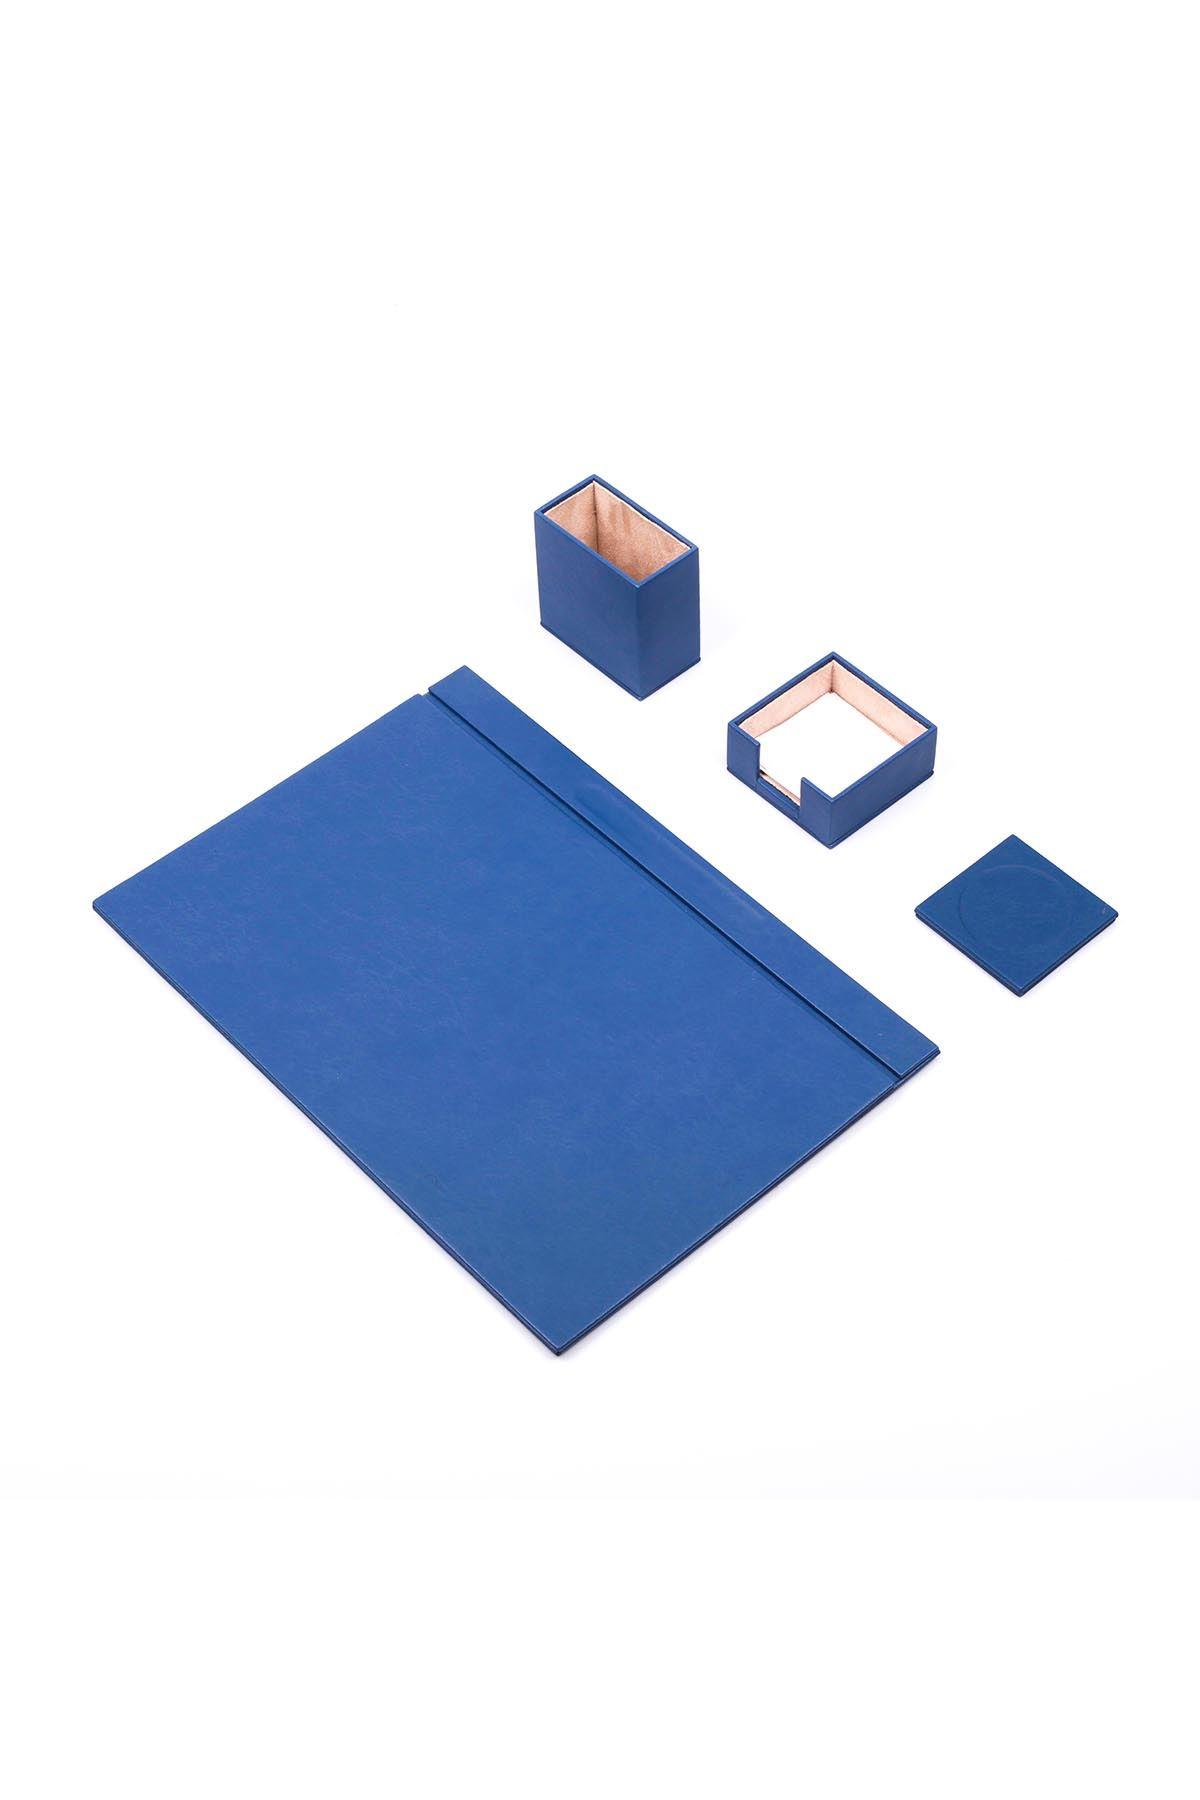 Deri Sümen Takımı Mavi 4 Parça